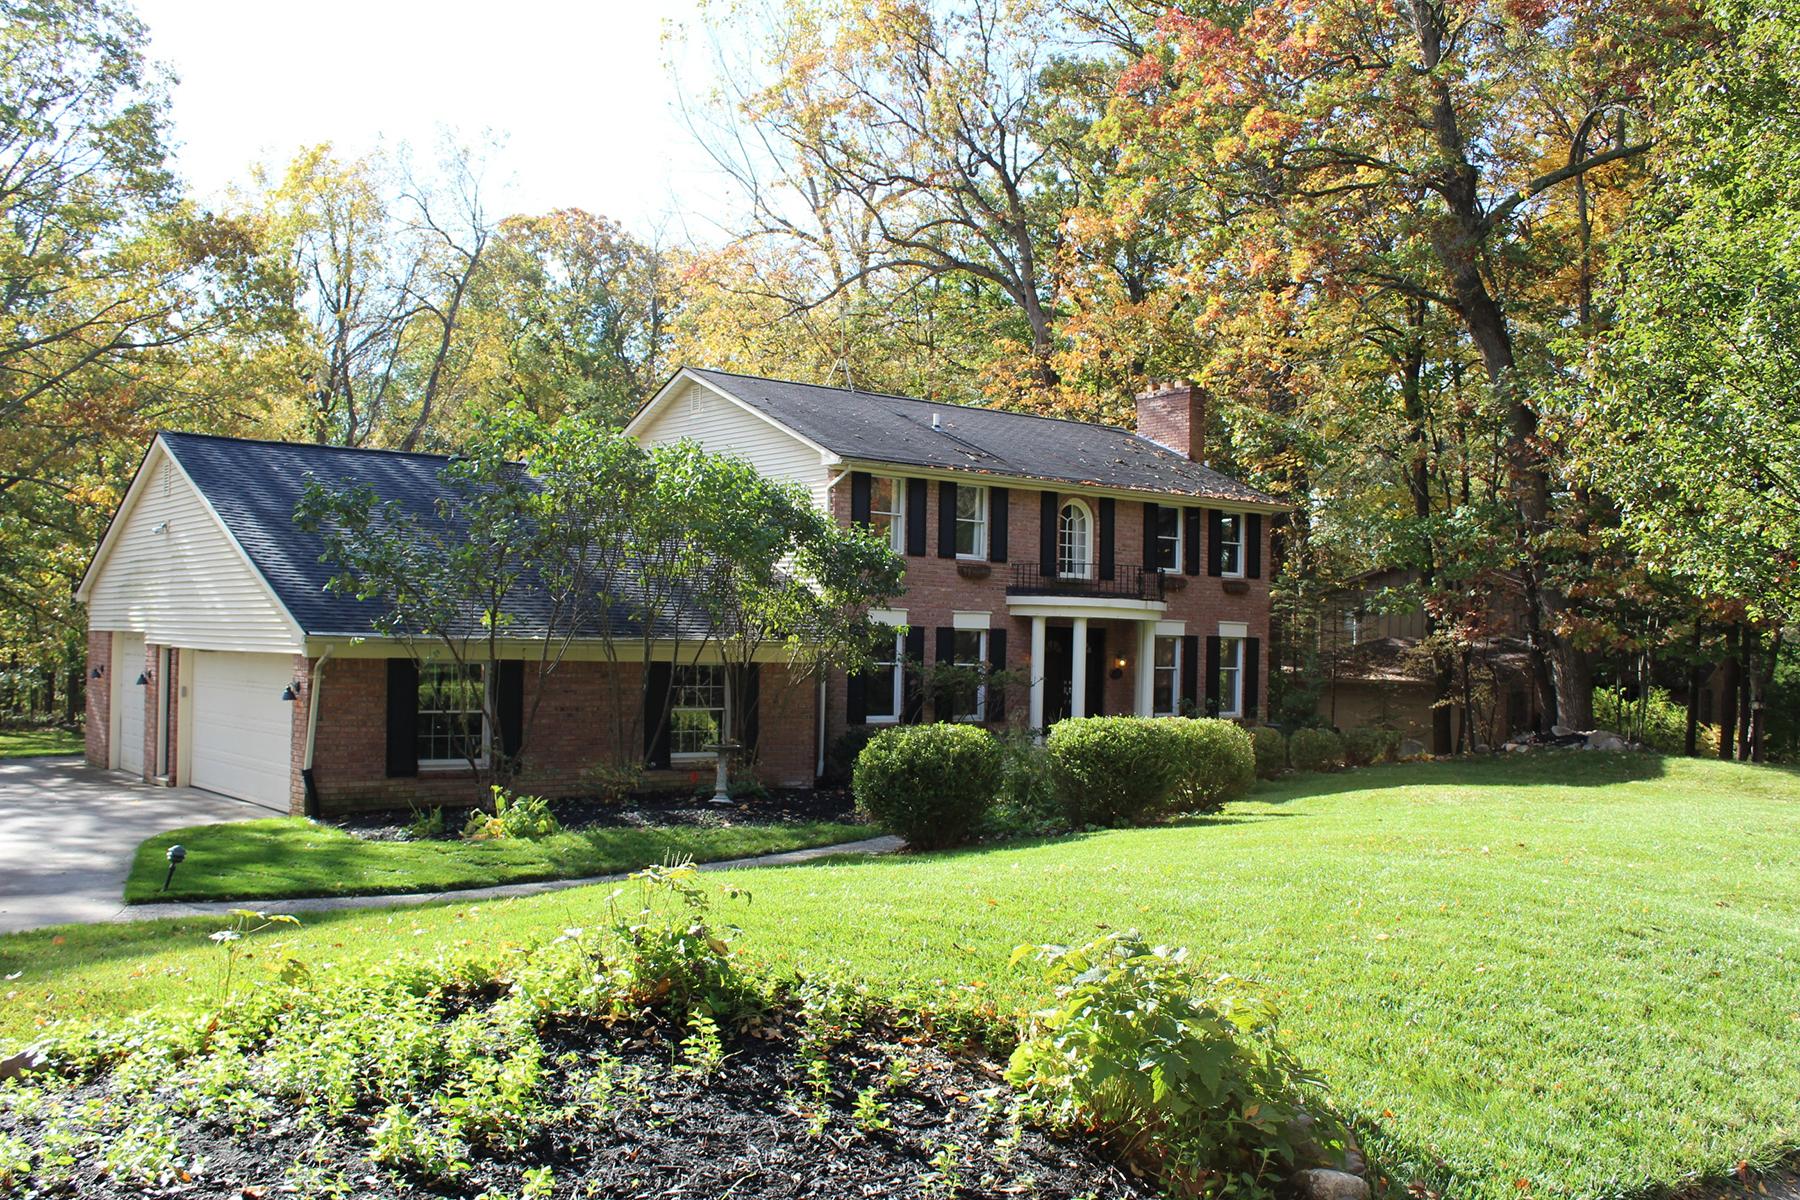 Частный односемейный дом для того Продажа на Oakland Township 236 Beechview Drive S, Oakland Township, Мичиган, 48306 Соединенные Штаты